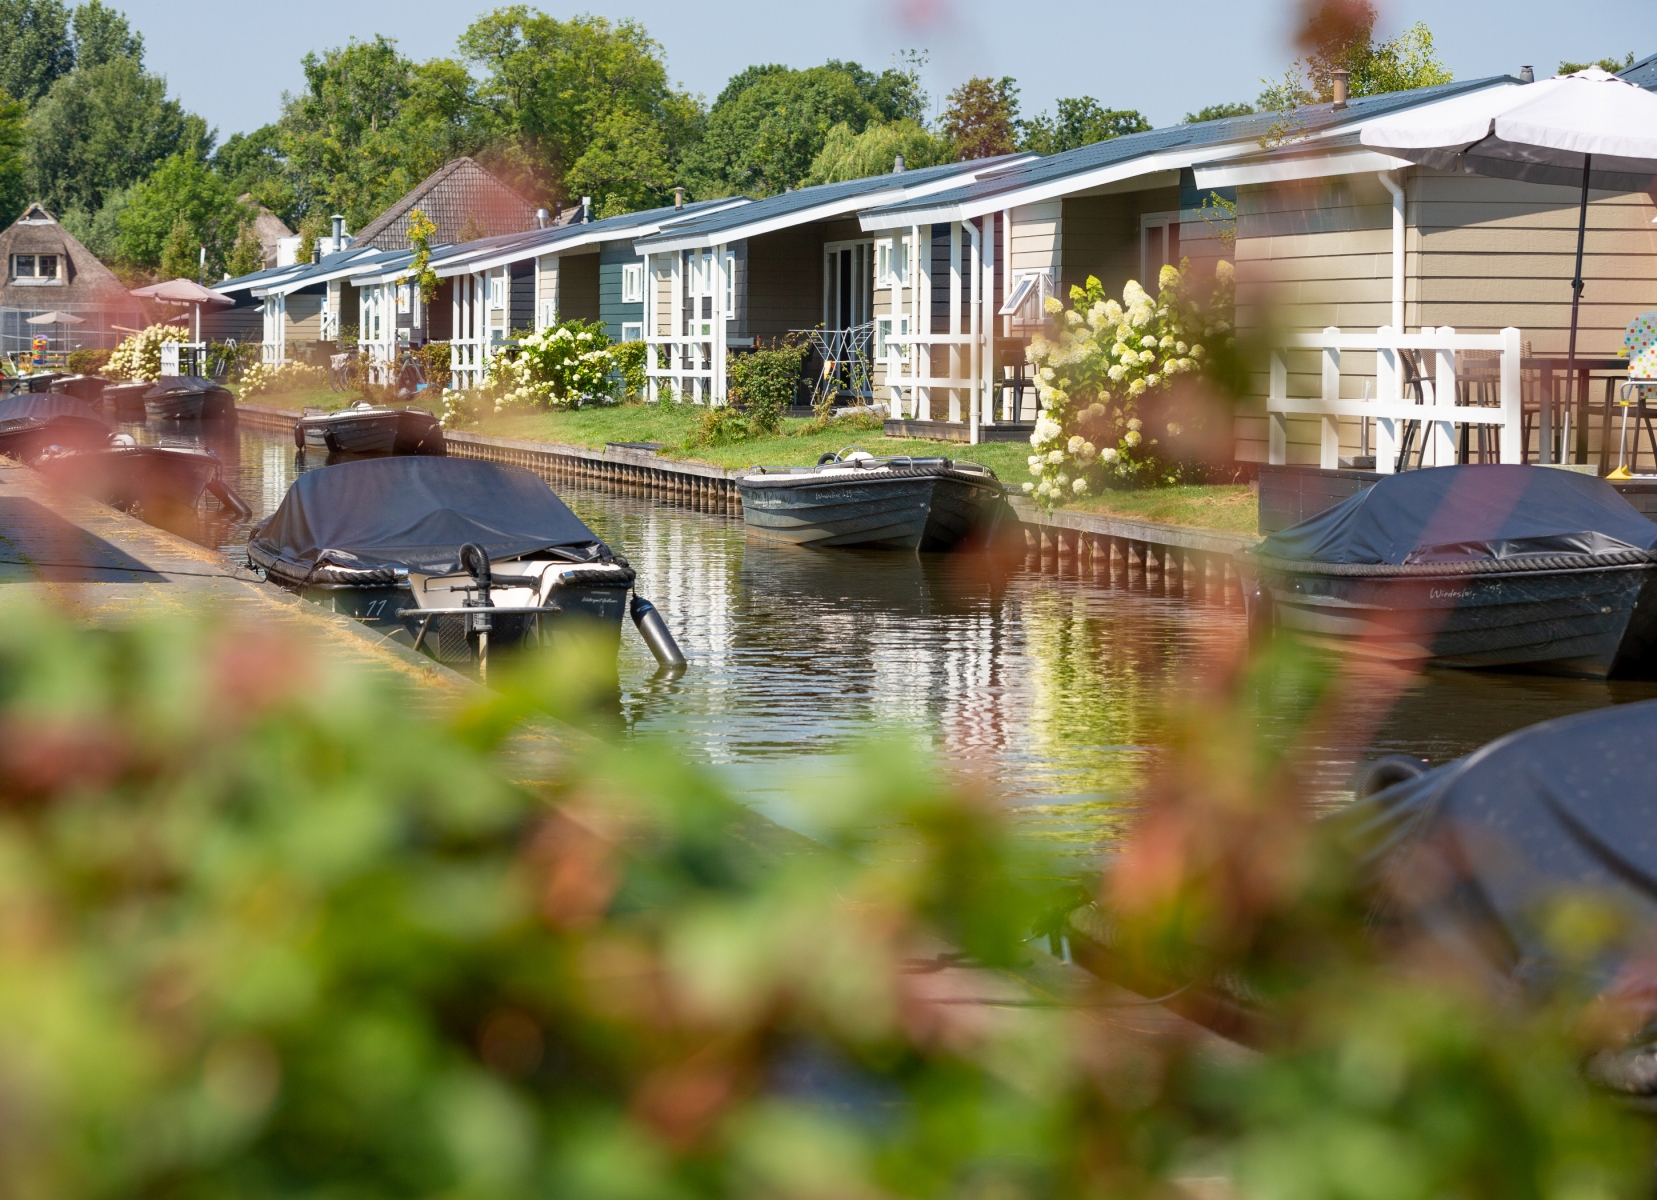 Korting vakantiehuisje Kop van Overijssel 🏕️Vakantiepark Giethoorn